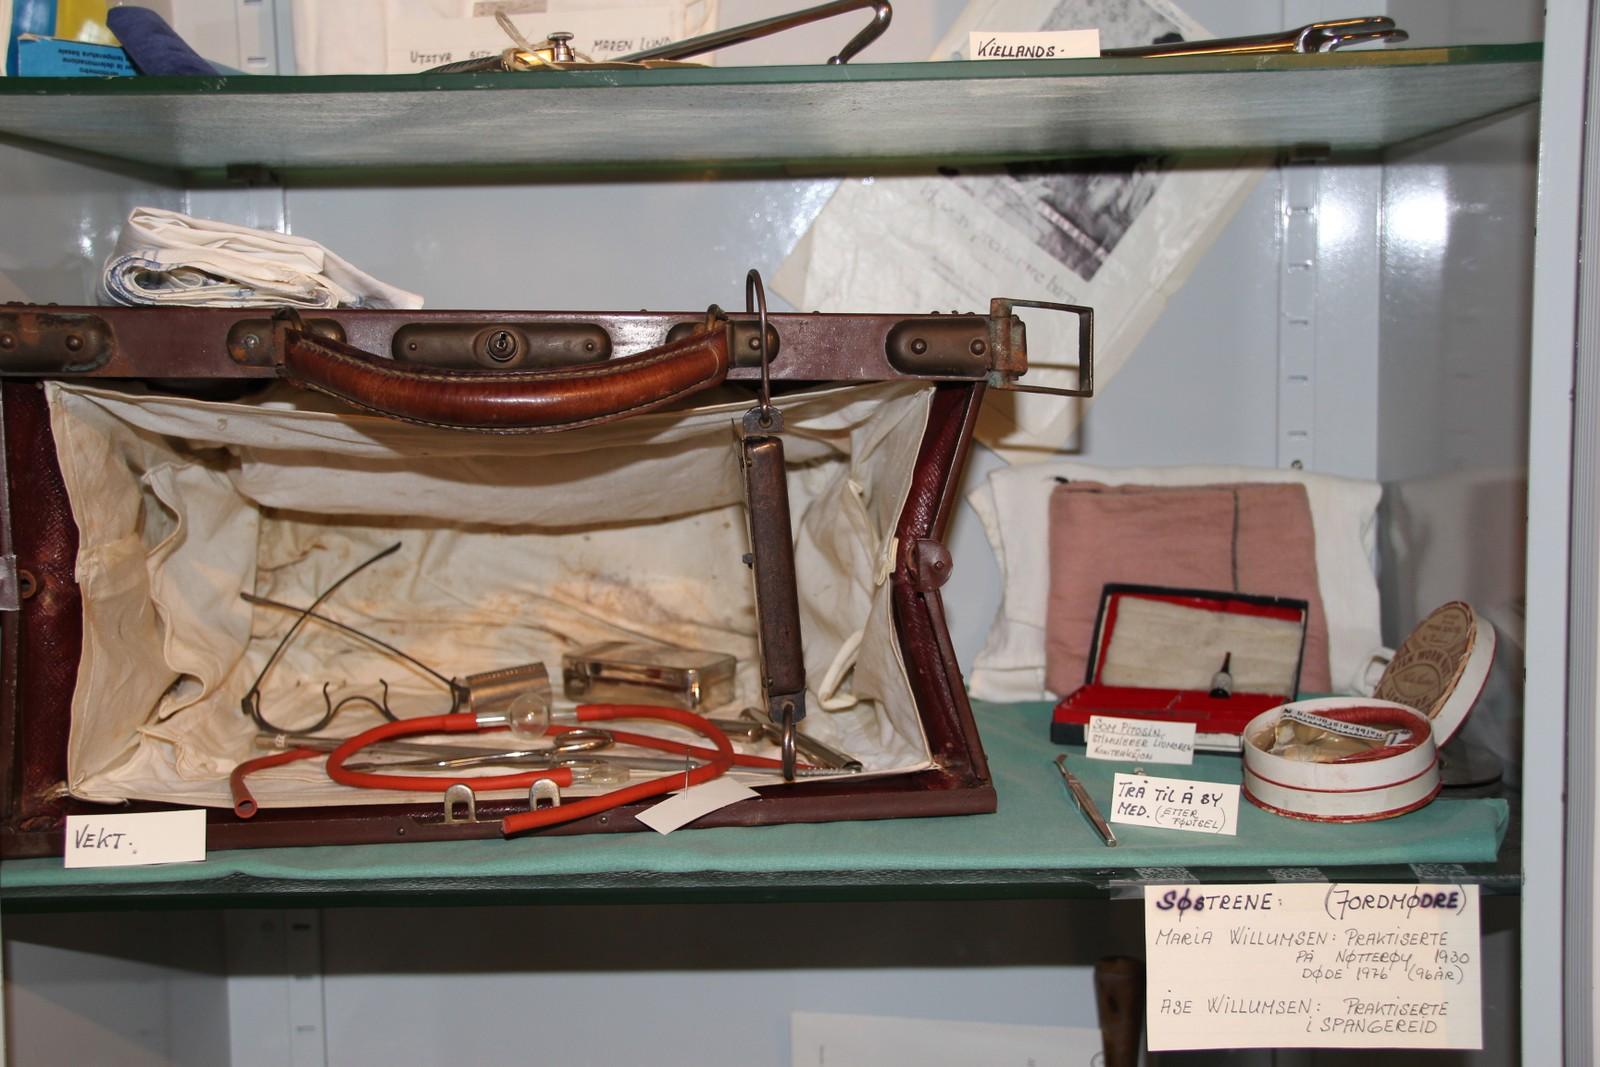 Jordmødrene hadde instrumentene sine i vesker de bragte med seg